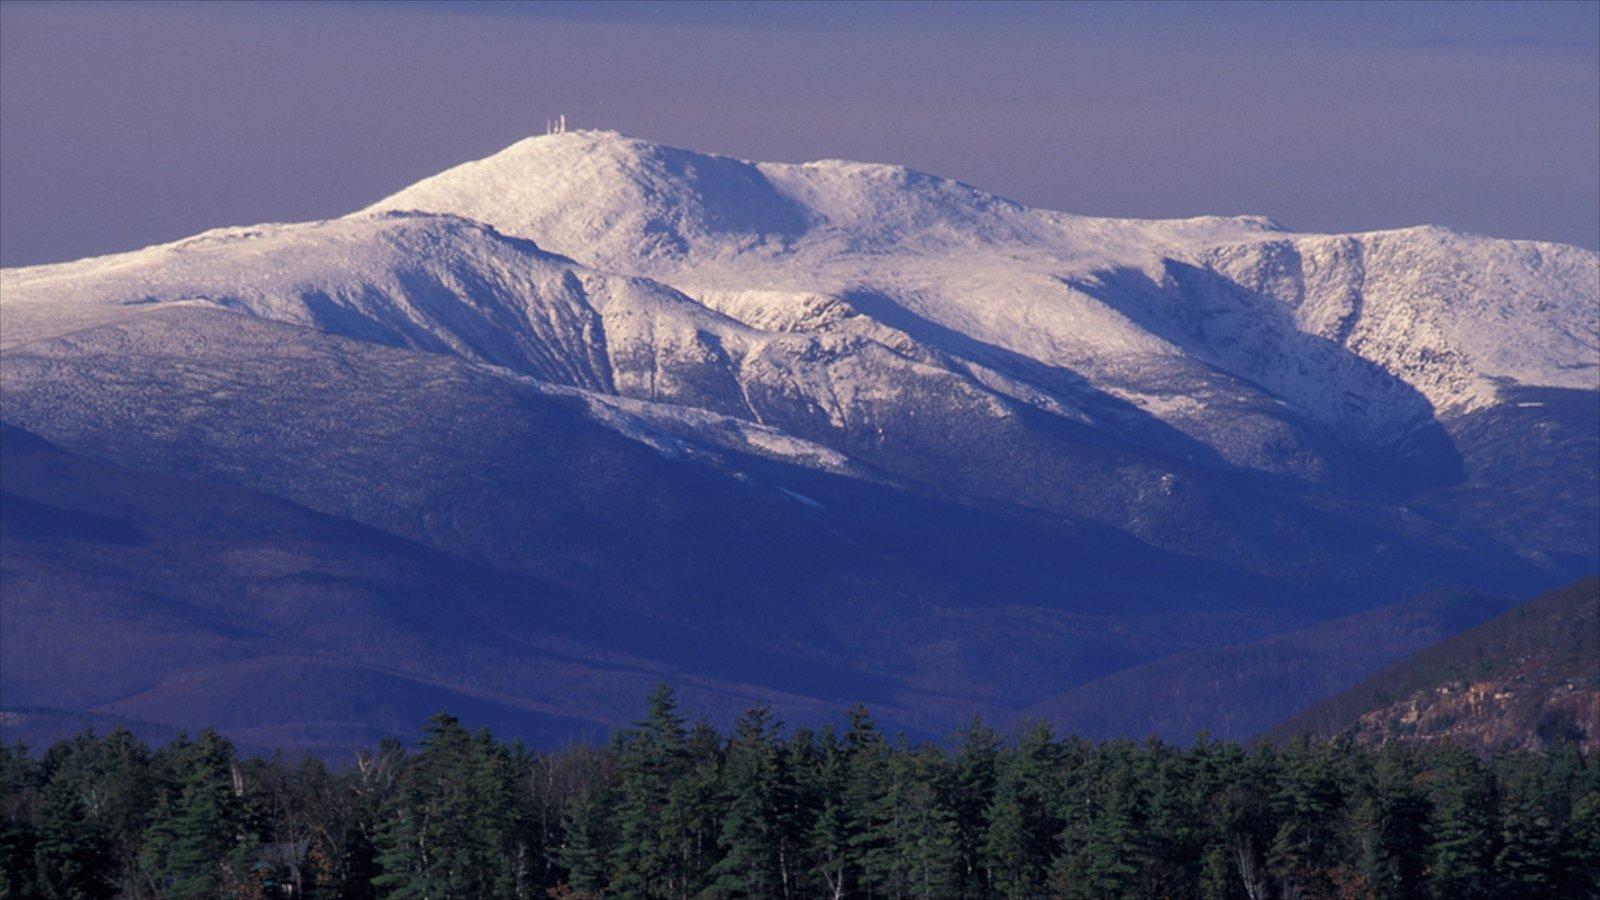 North Conway mostrando montañas, nieve y vistas de paisajes